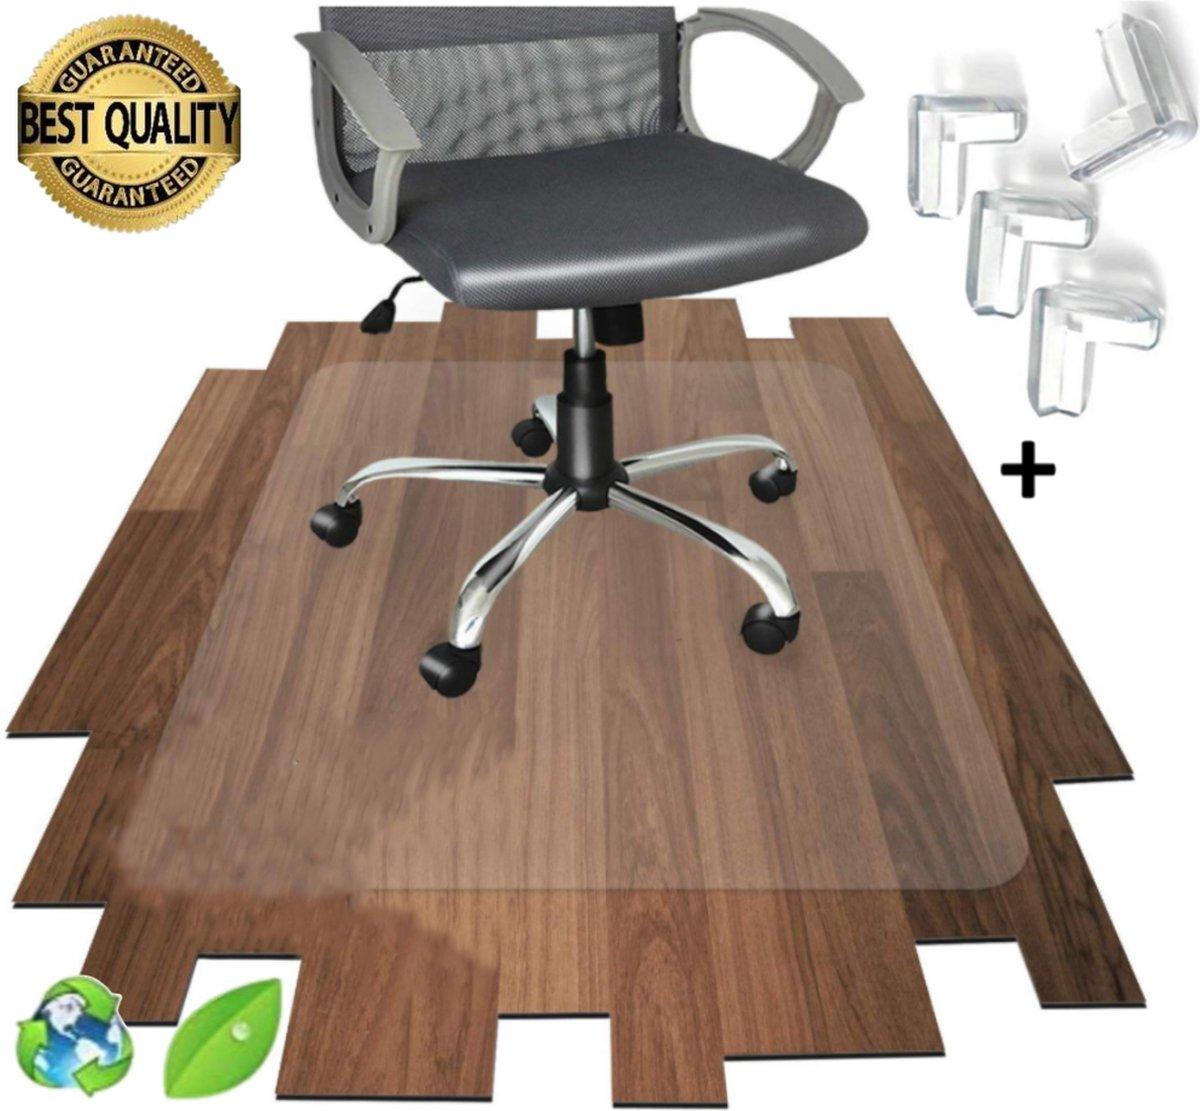 Luxergoods bureaustoelmat PVC - 90x120 cm- Met Hoekbesschermers - Vloermat bureaustoel - Vloerbesche